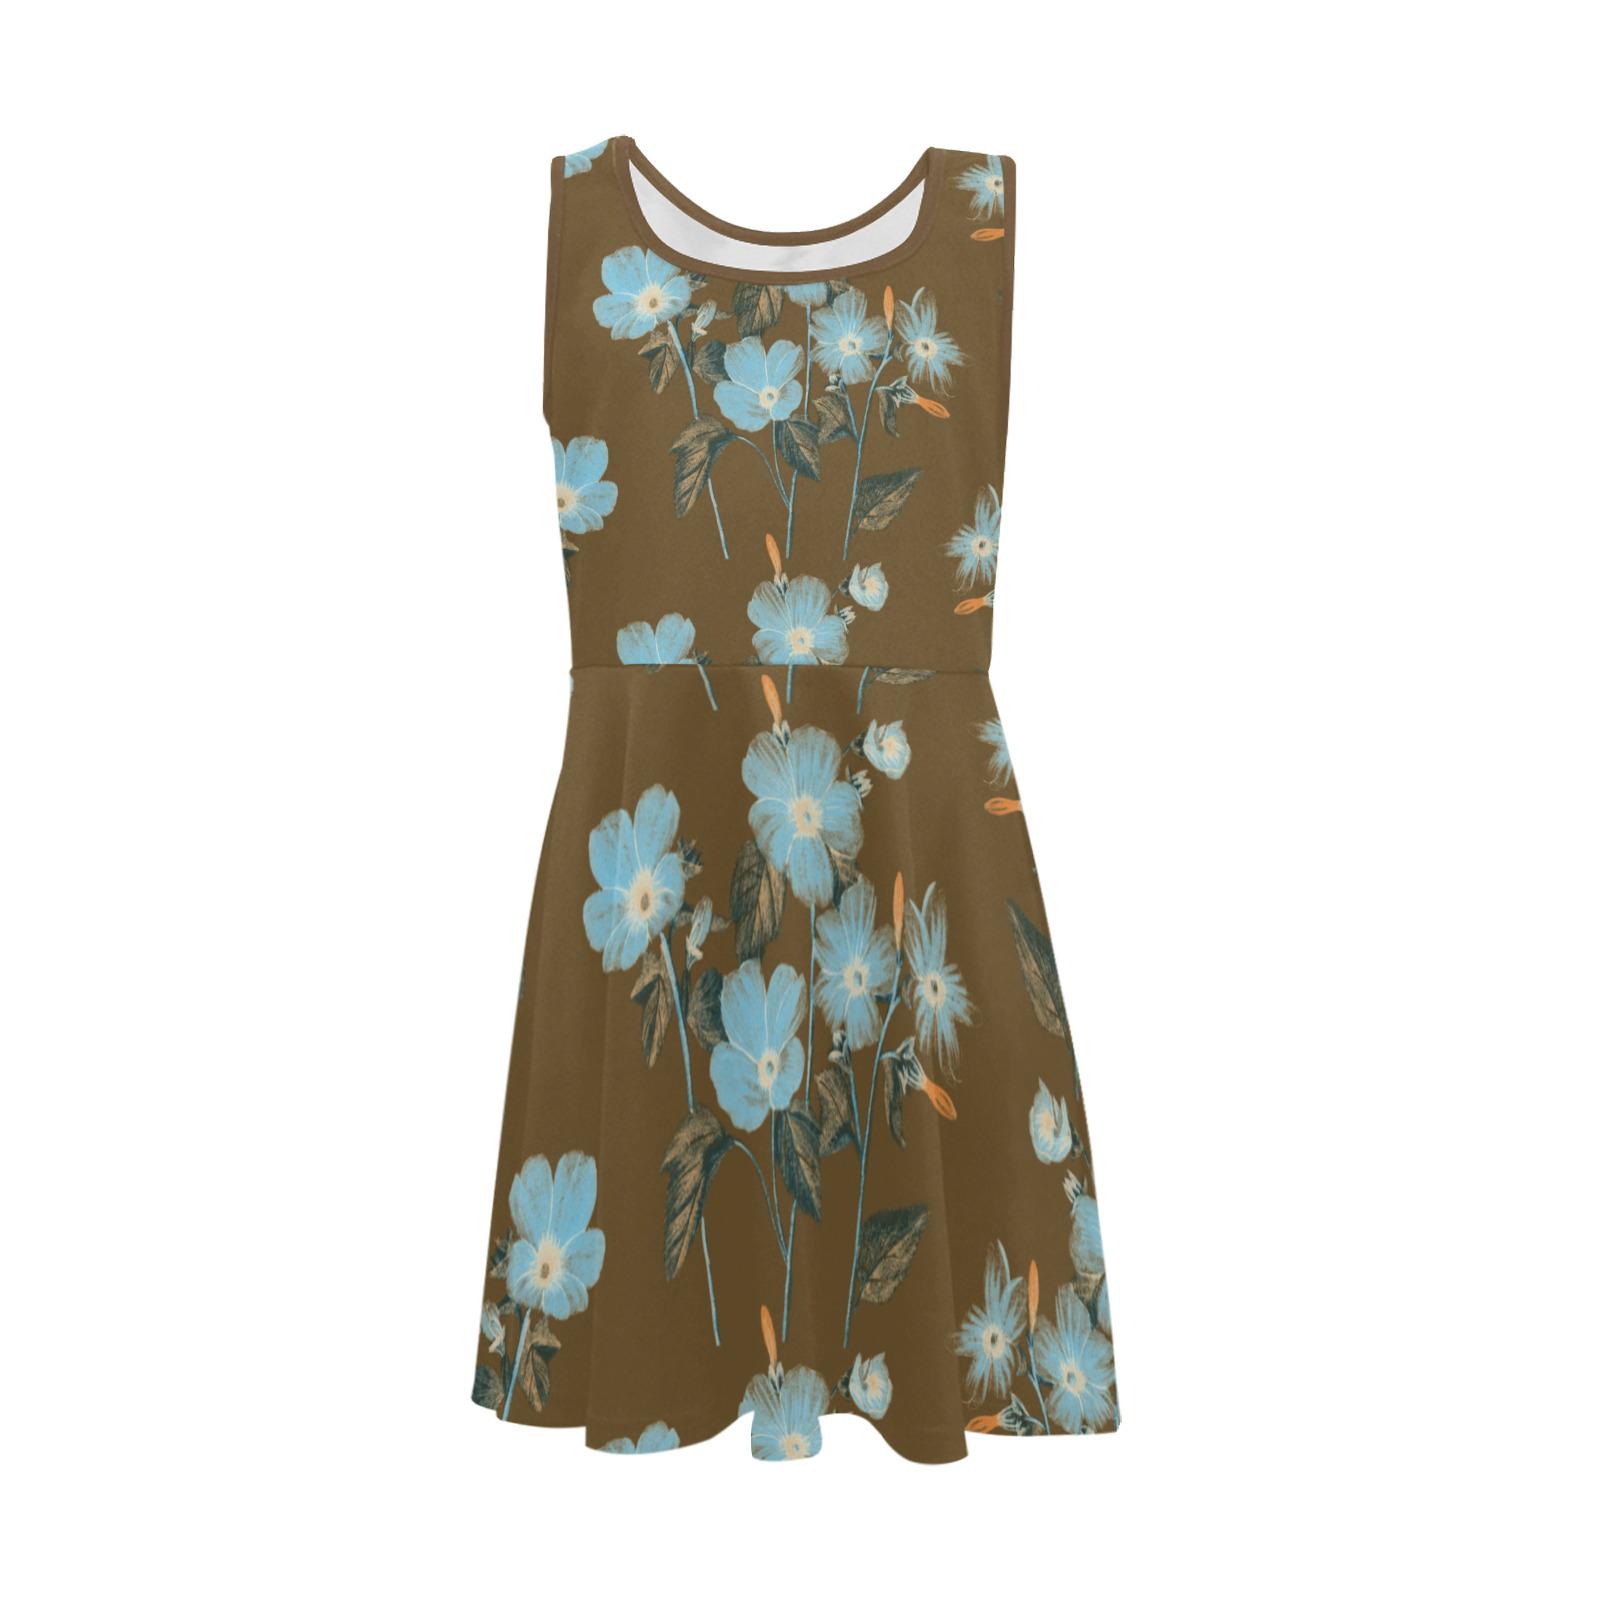 Rustic Blue Floral Bouquet Girls' Sleeveless Sundress (Model D56)